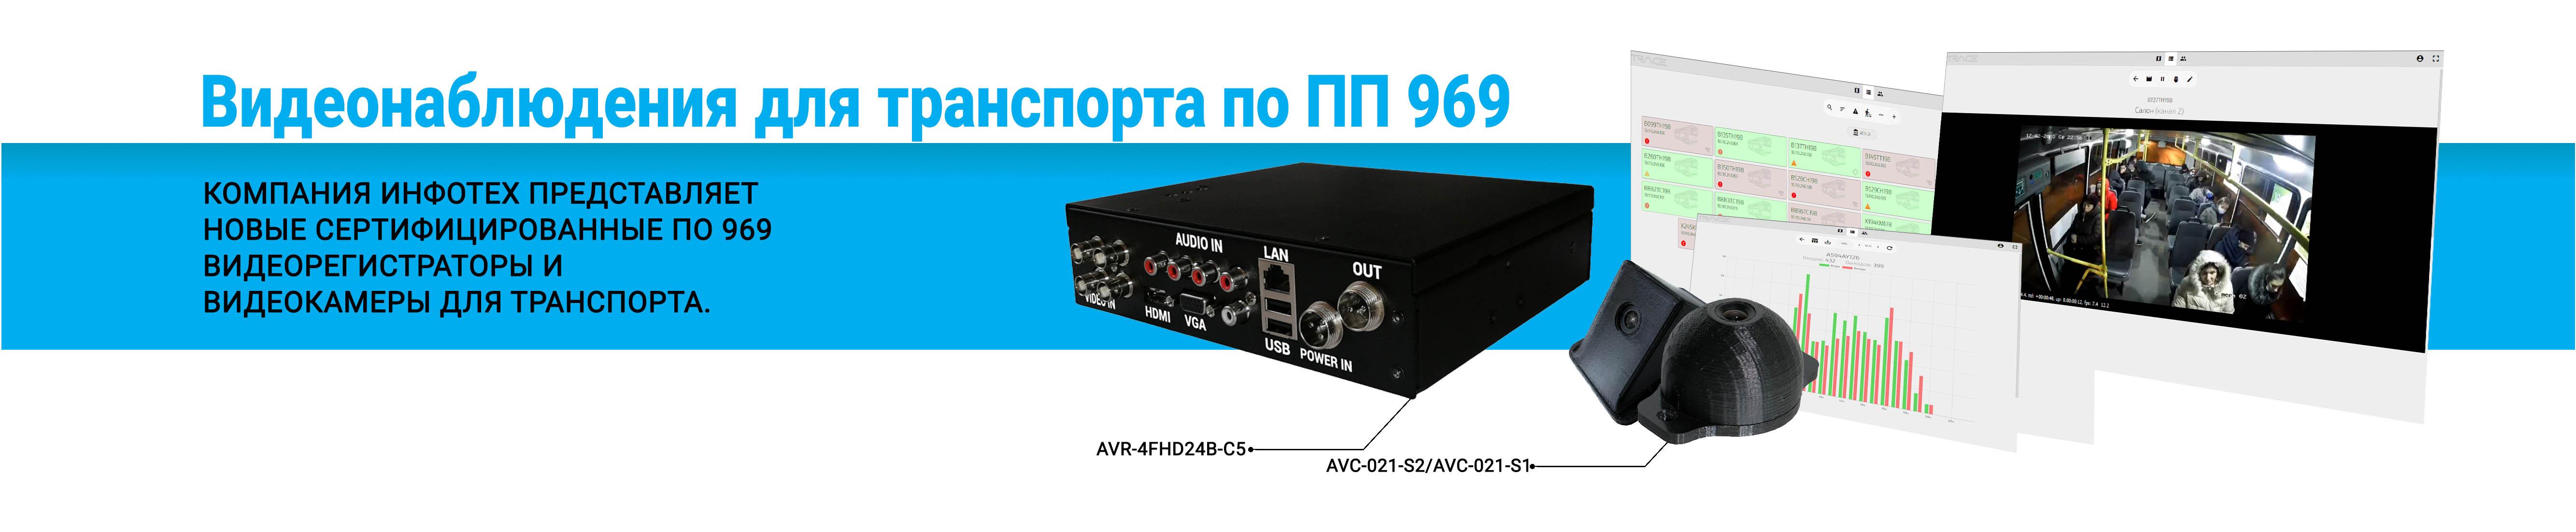 Новые комплекты видеонаблюдения для транспорта по ПП 969